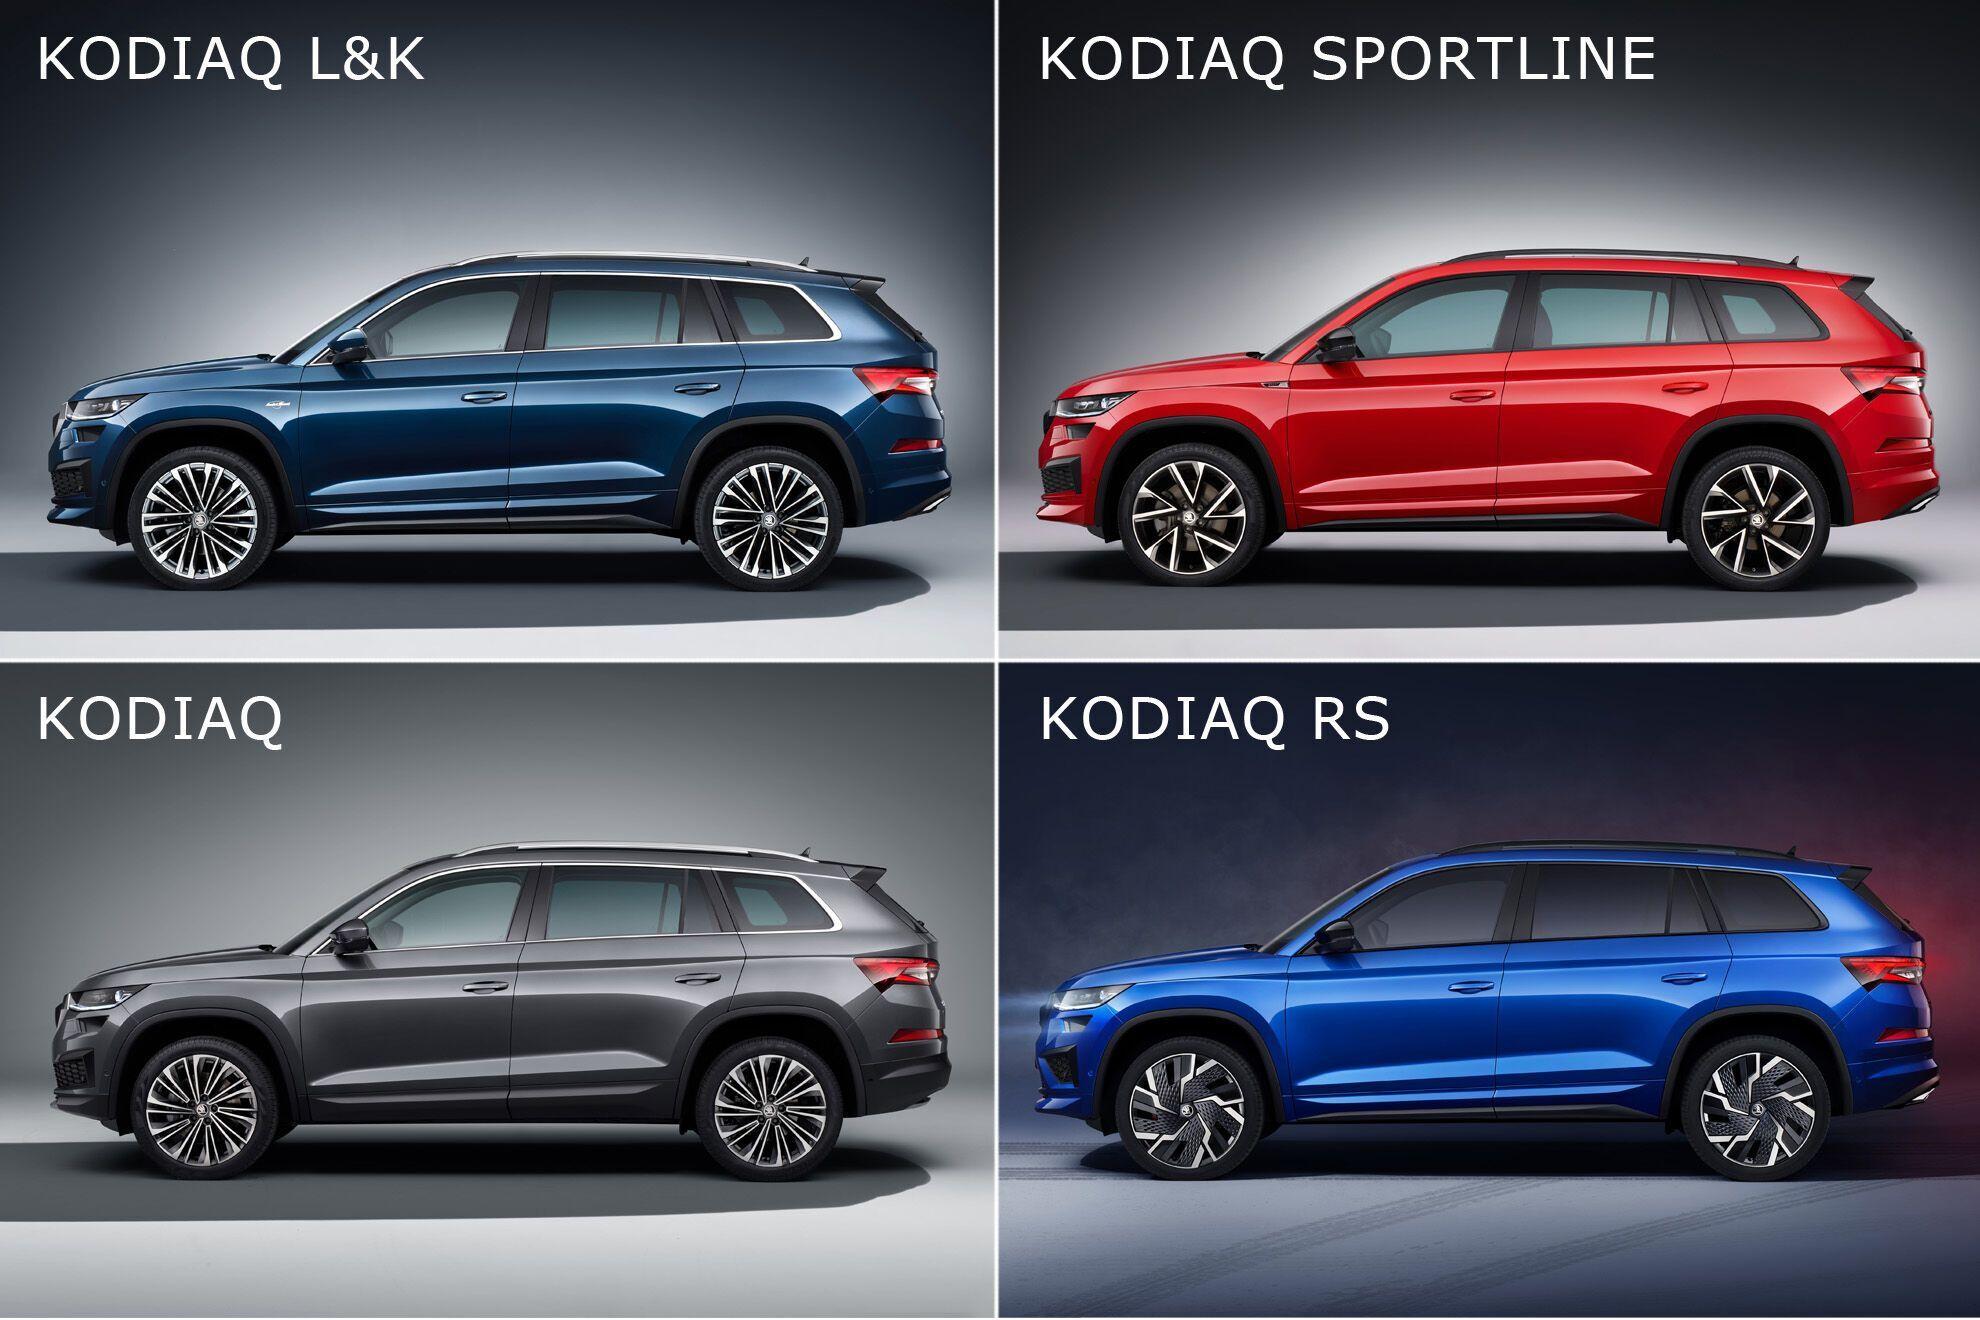 Обновленный Kodiaq предложен в нескольких версиях и комплектациях